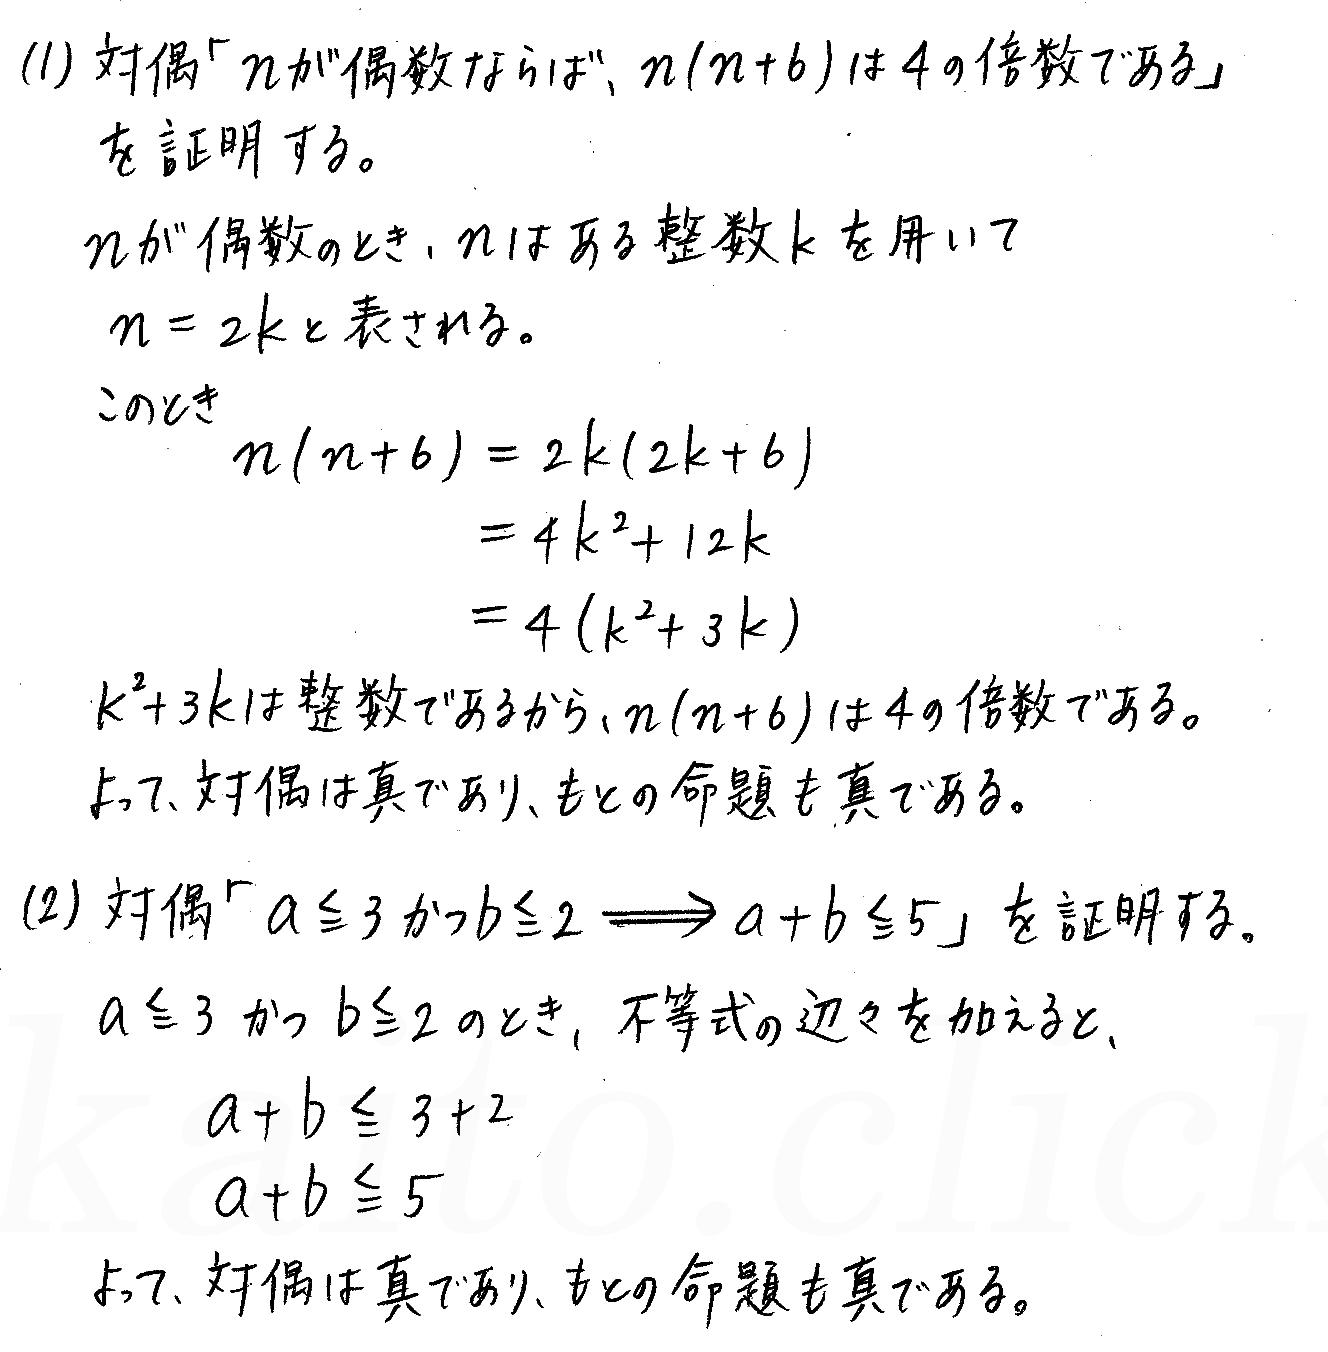 クリアー数学1-131解答